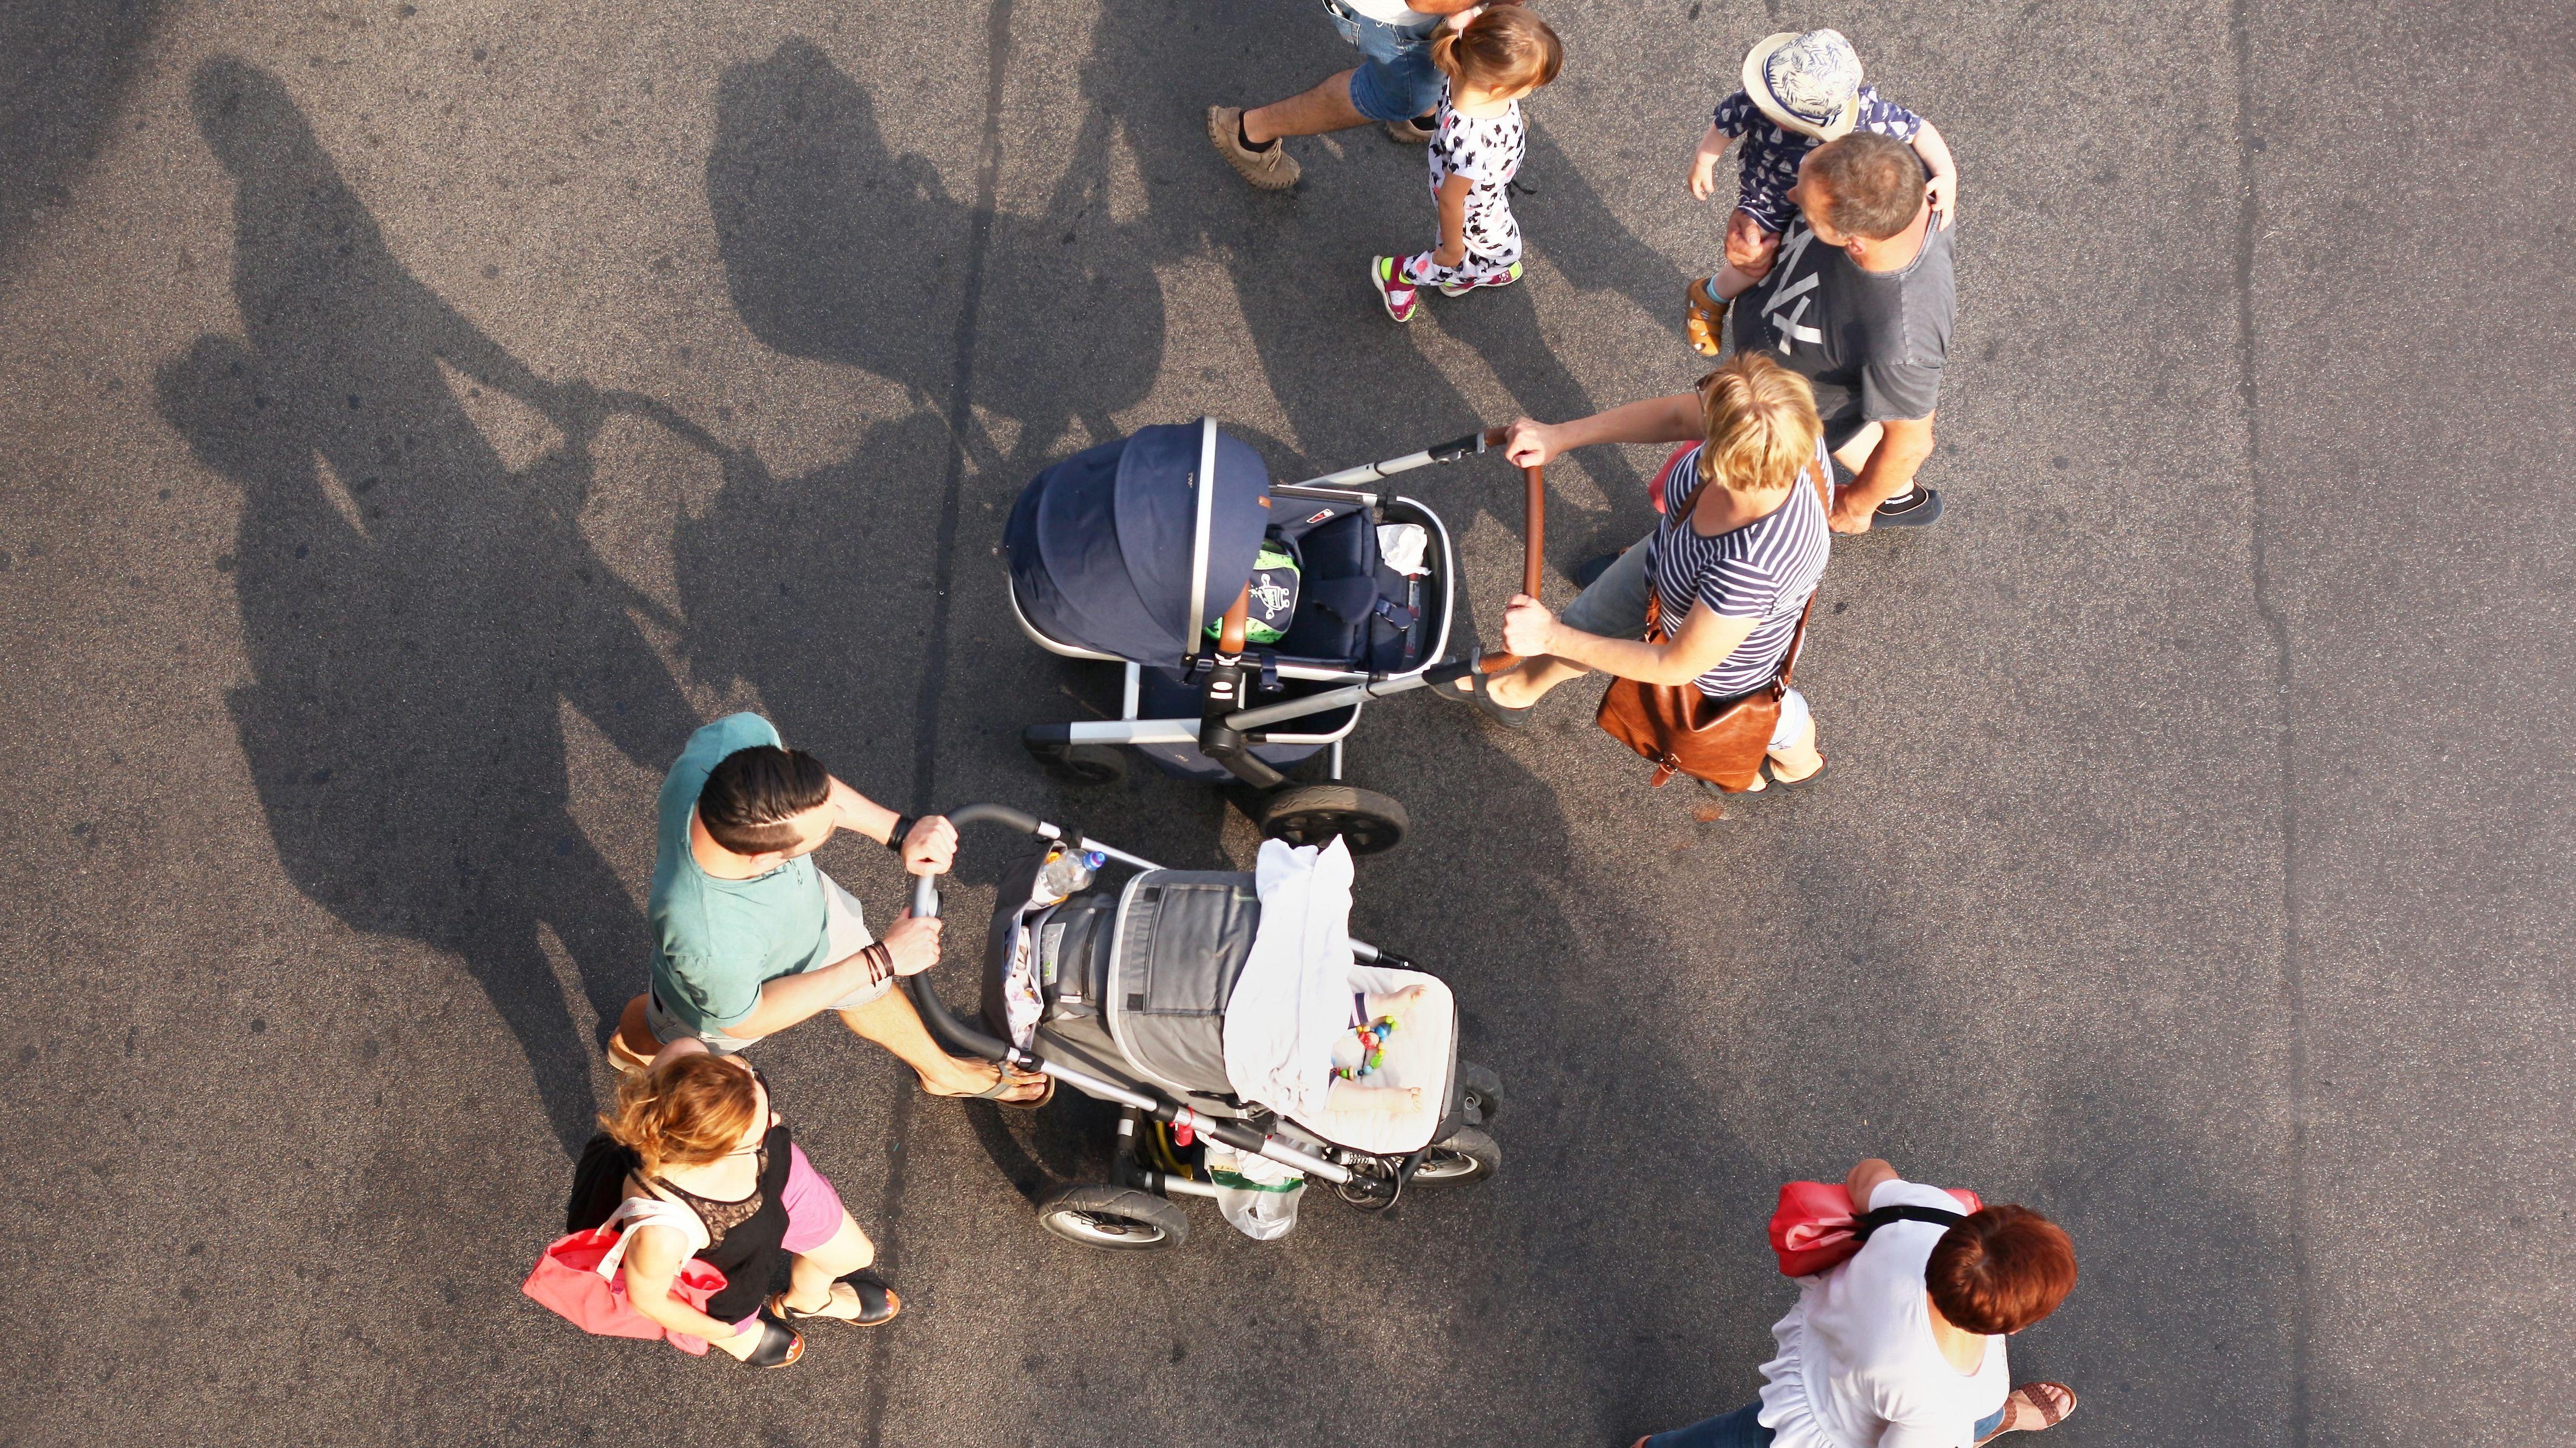 Familien mit Kinderwägen gehen über die Straße